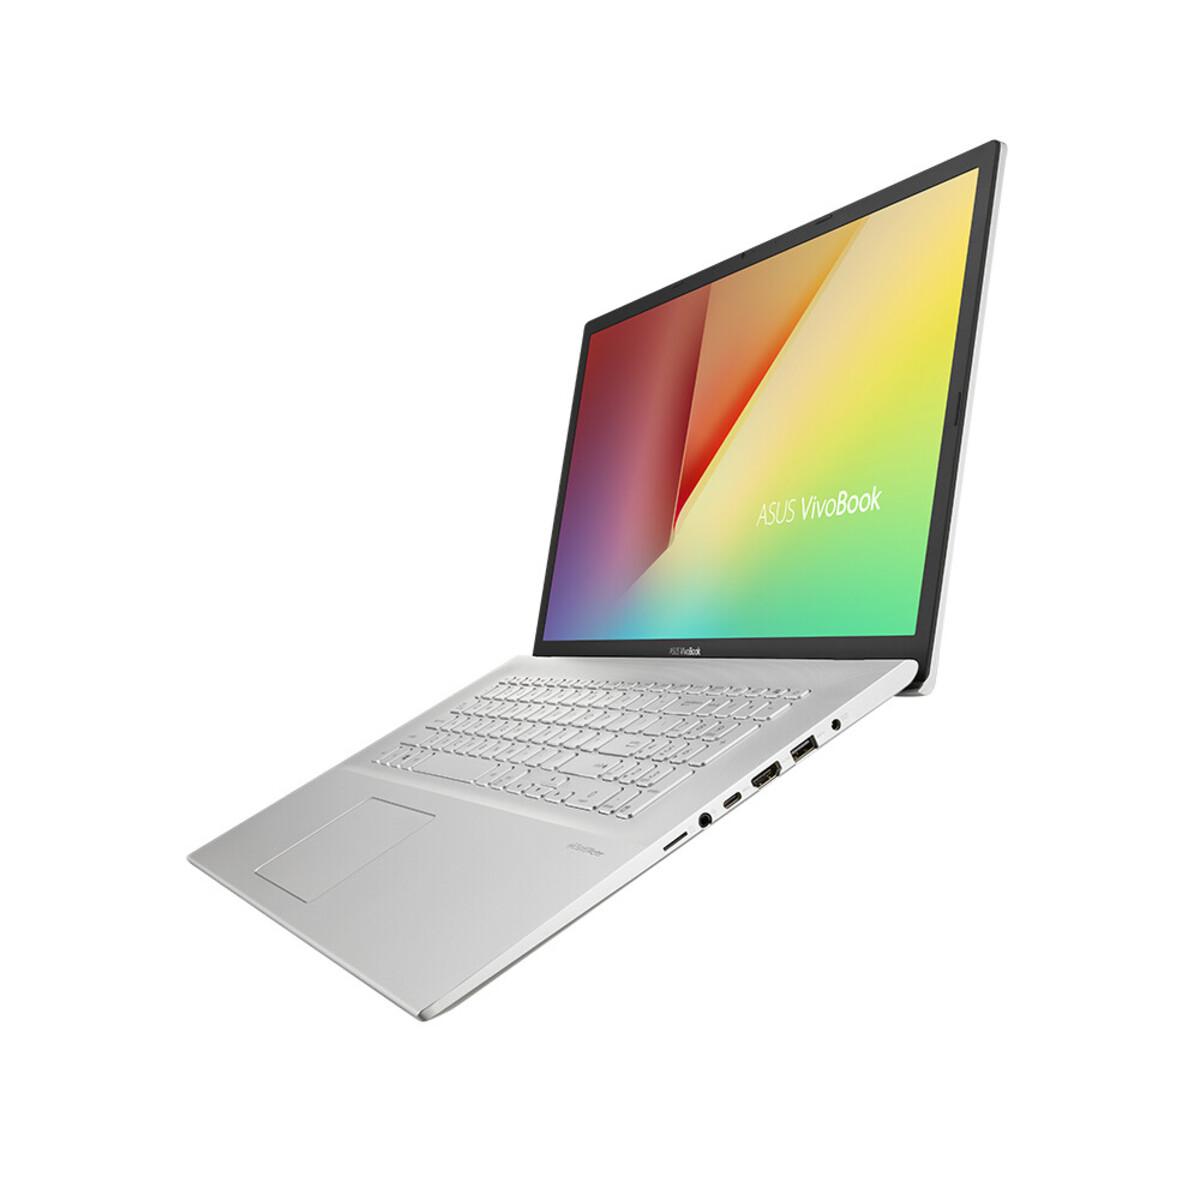 Bild 3 von ASUS VivoBook 17 F712JA-BX273T silber Notebook (17,3 HD+ matt, Core i3-1005G1, 8 GB RAM, 512 GB SSD, Intel UHD, Windows 10 Home)